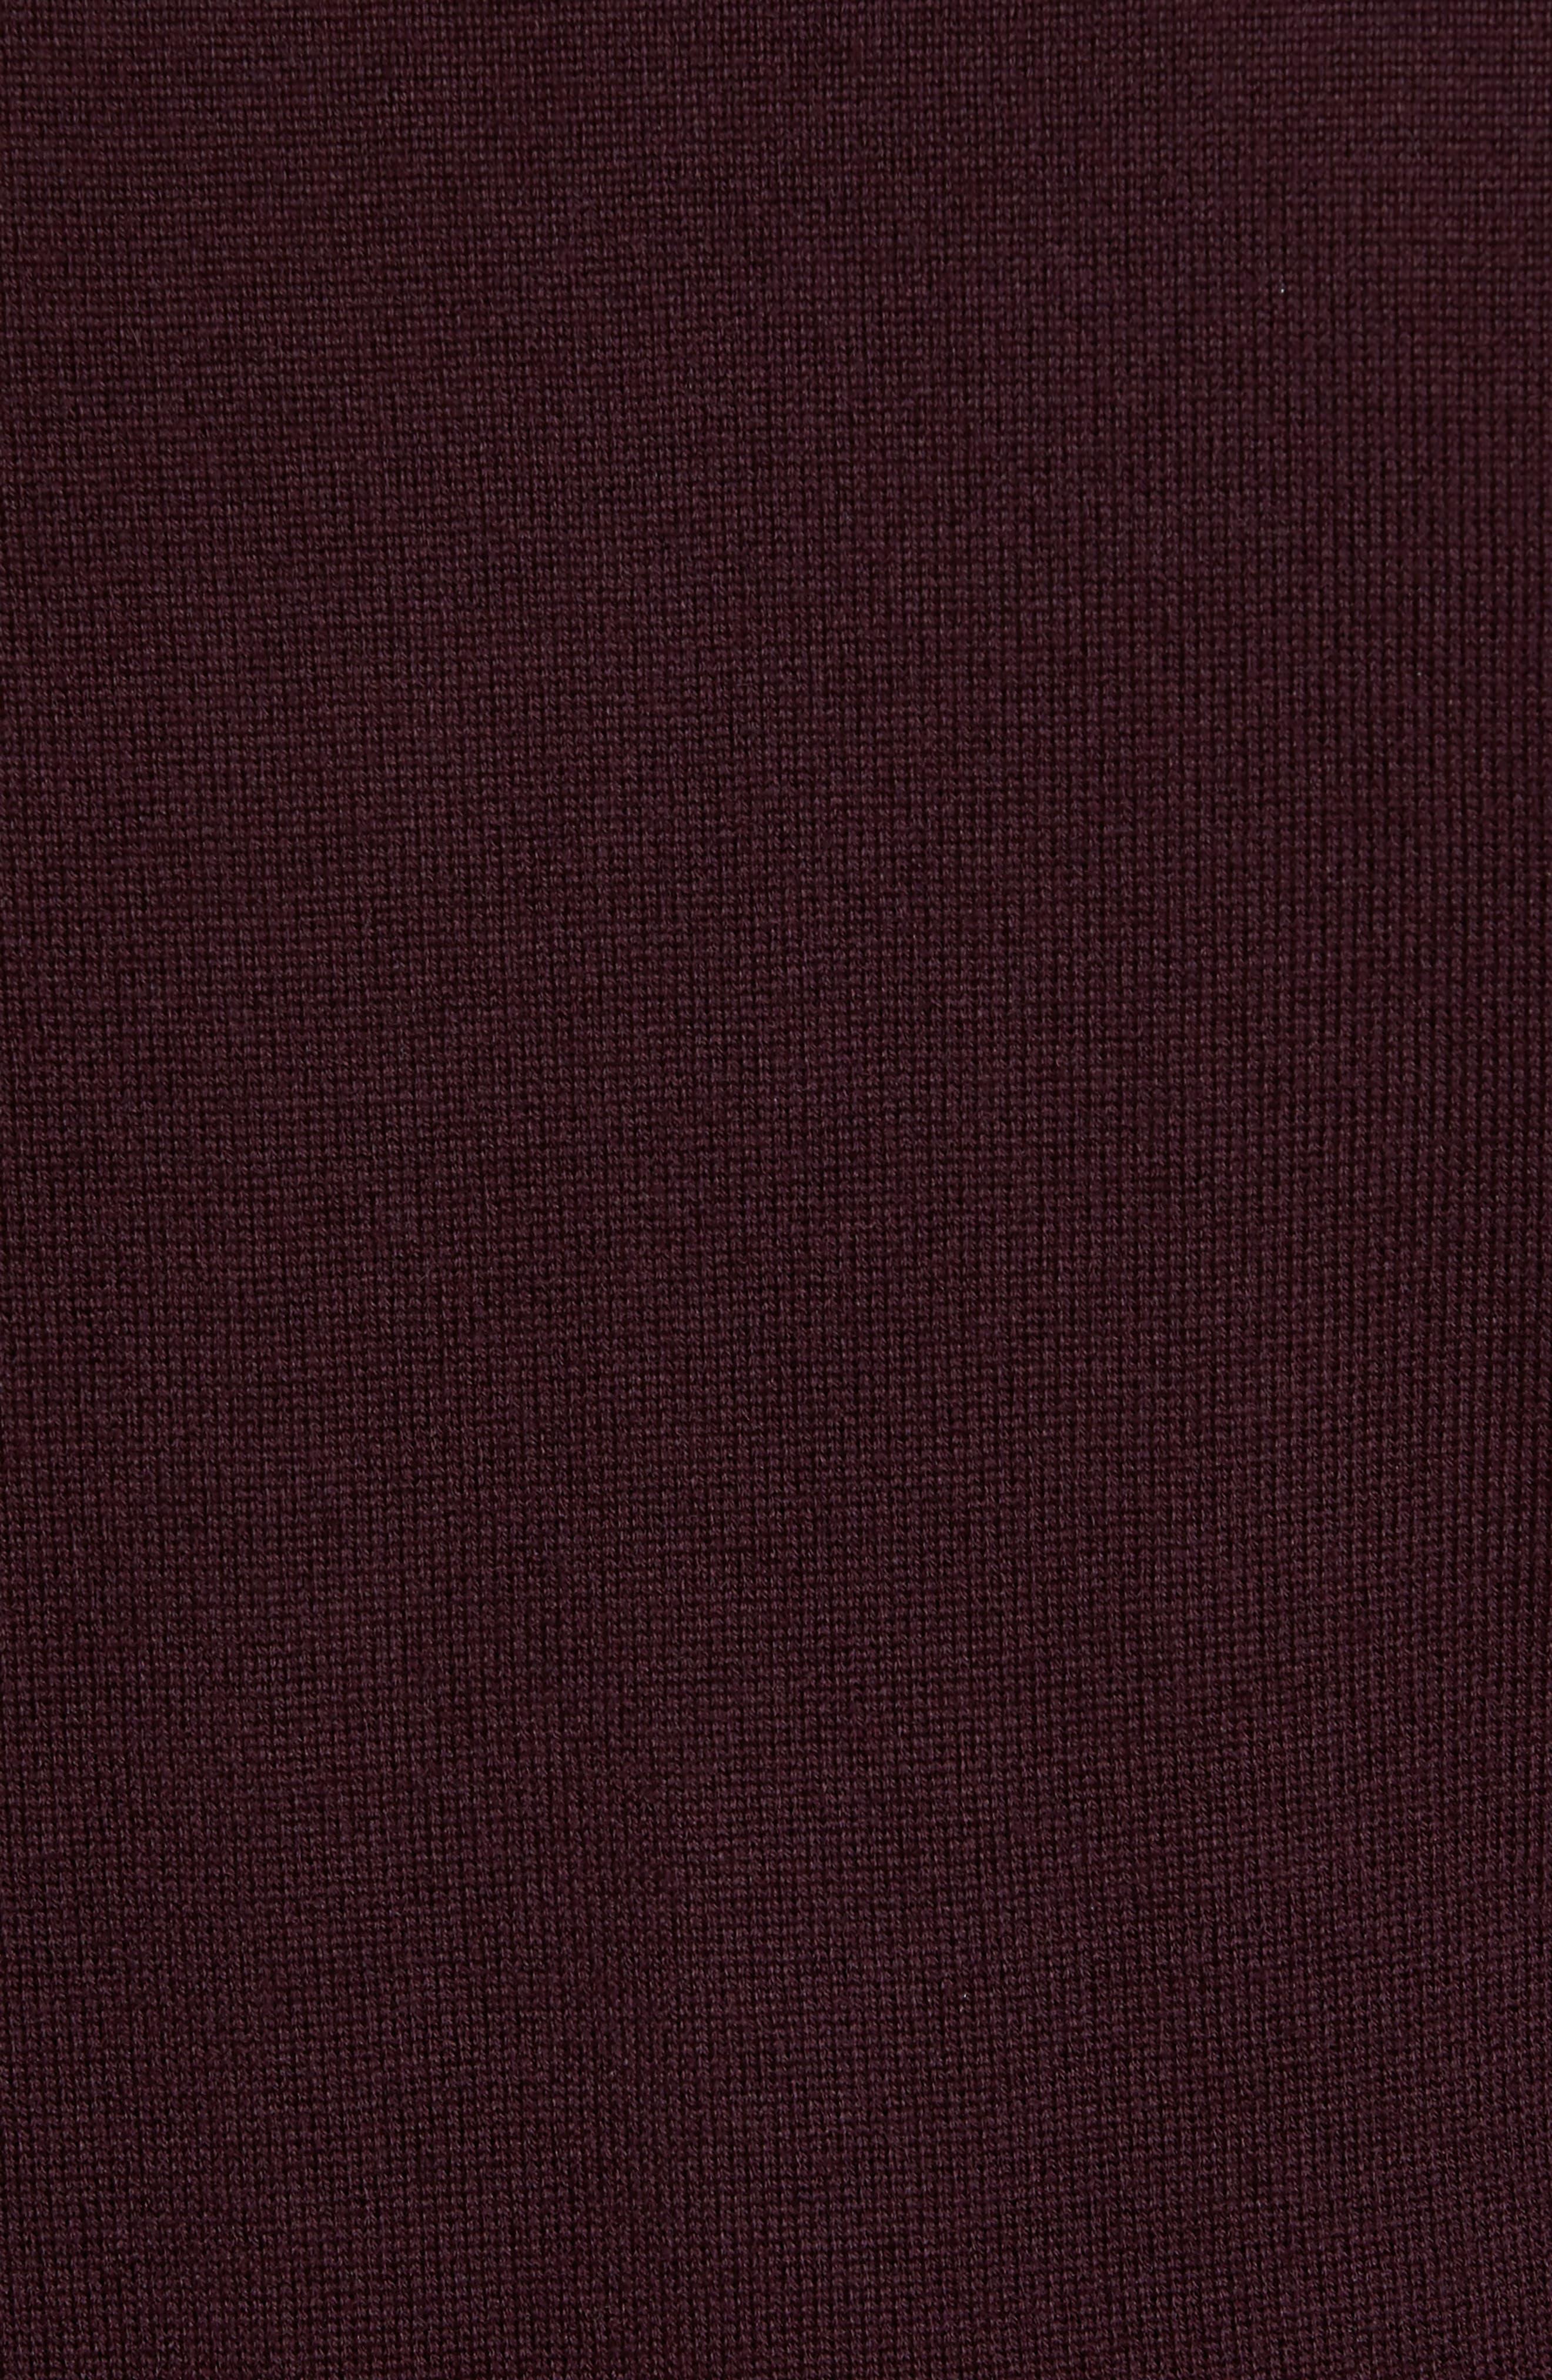 Merino V-Neck Sweater,                             Alternate thumbnail 5, color,                             Port